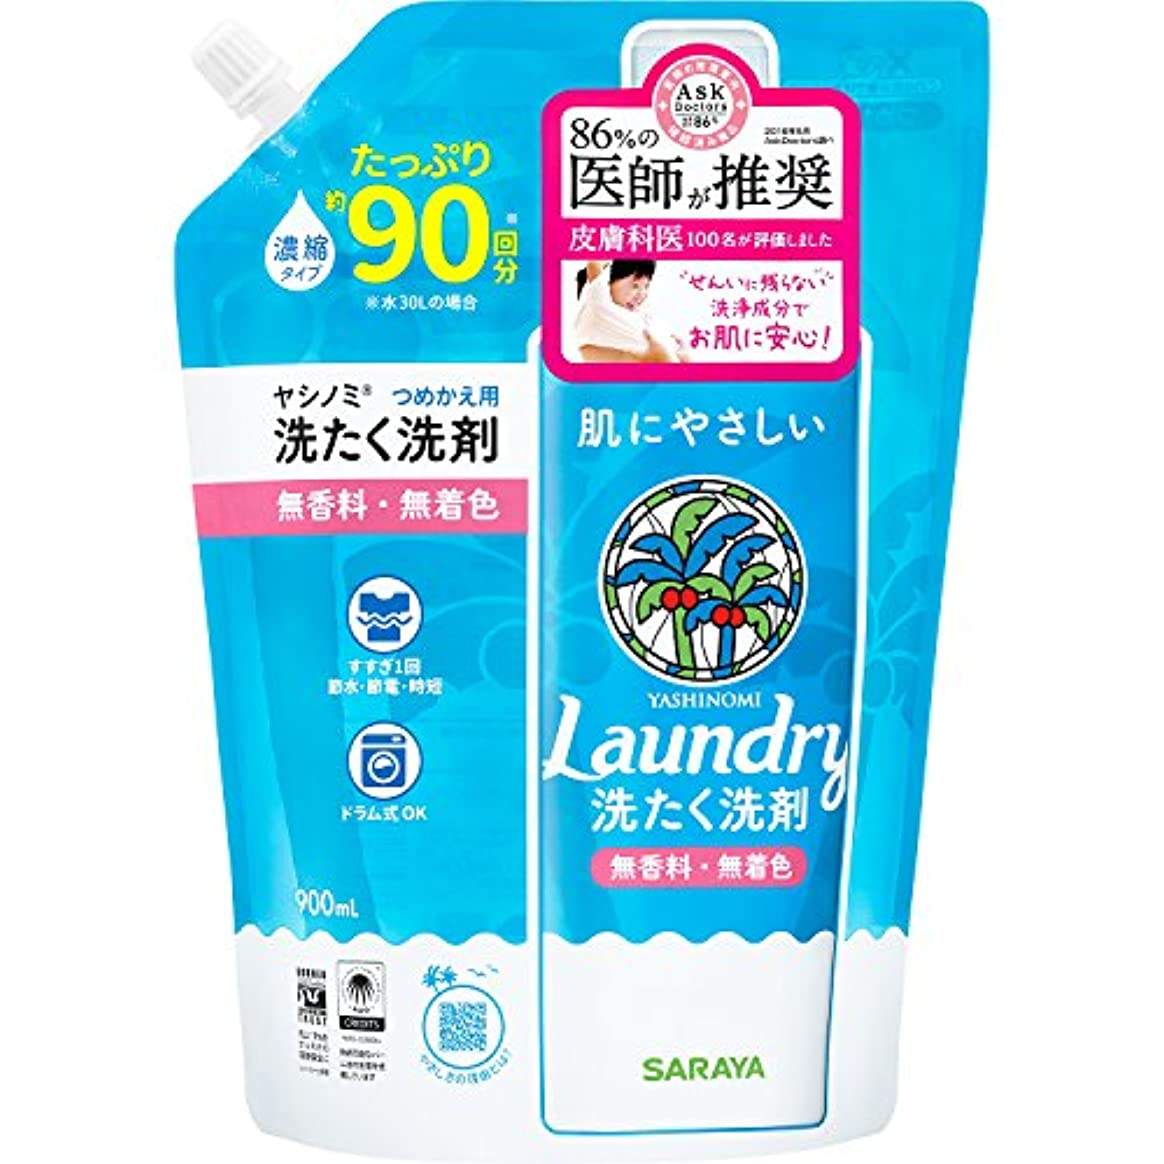 建築家アミューズコマースサラヤ SARAYA ヤシノミ 洗たく洗剤 濃縮タイプ つめかえ用 900mL 無添加